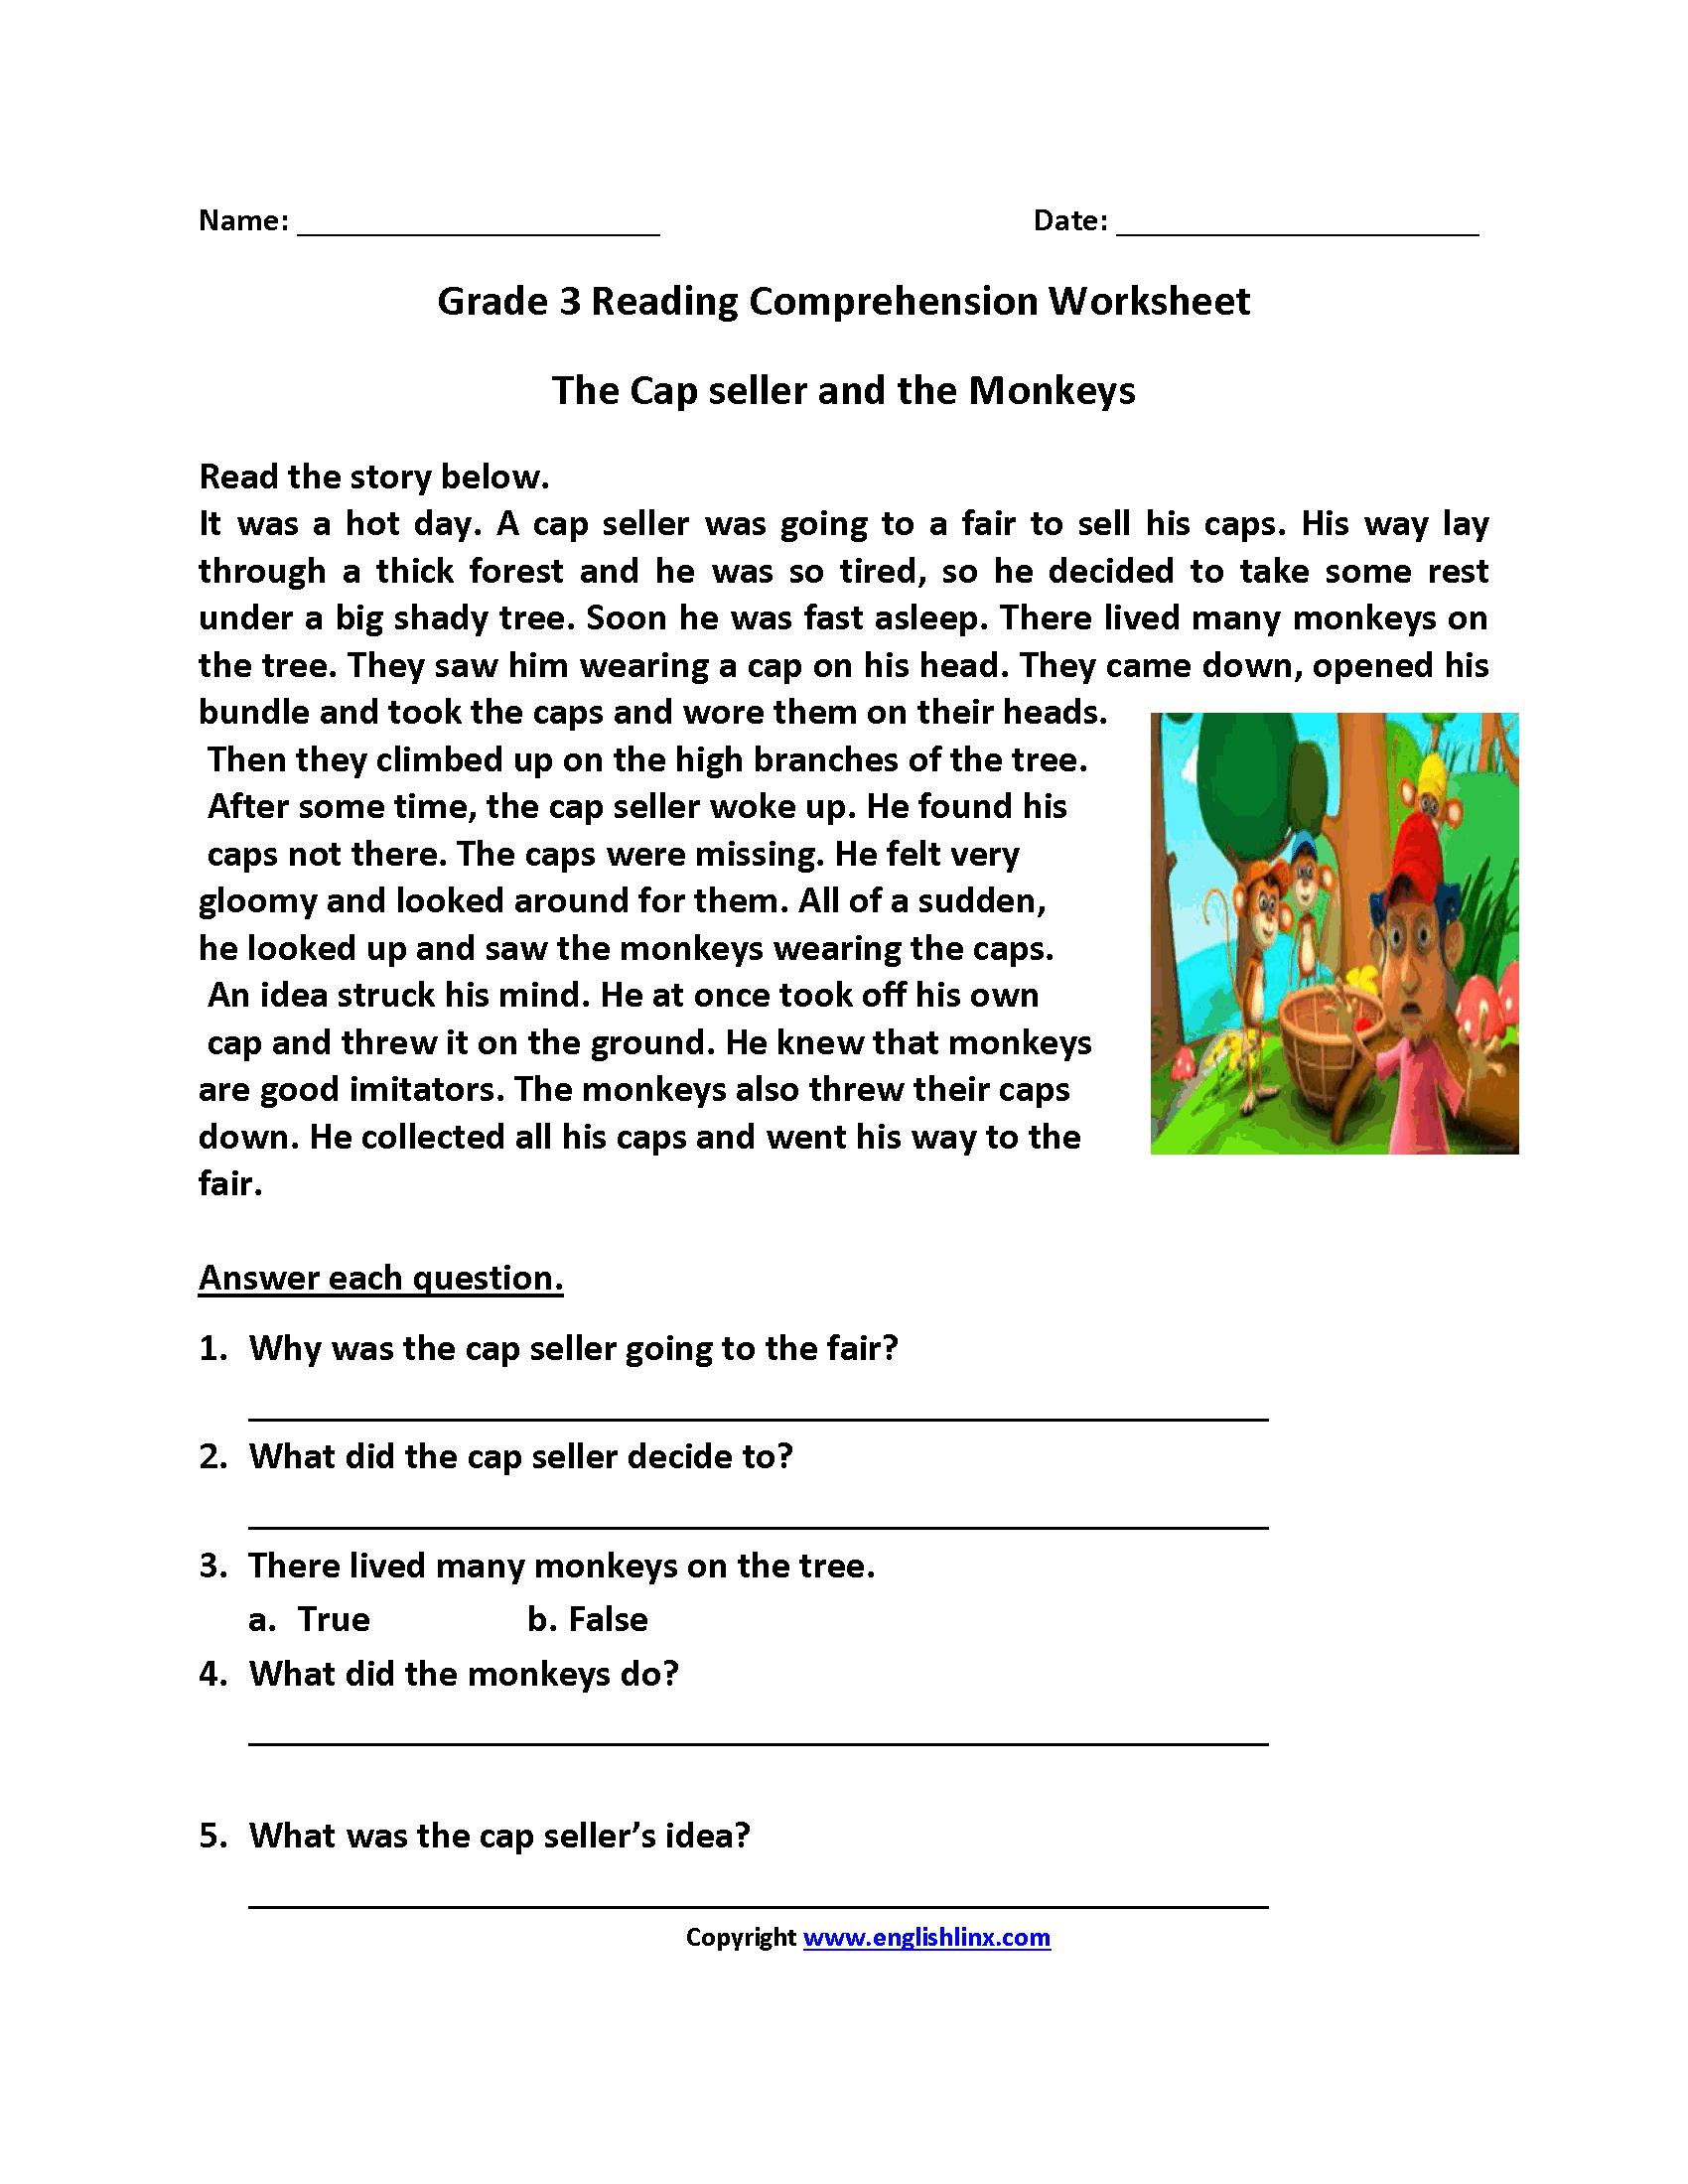 Reading Worksheets  Third Grade Reading Worksheets In Free Reading Comprehension Worksheets For 3Rd Grade